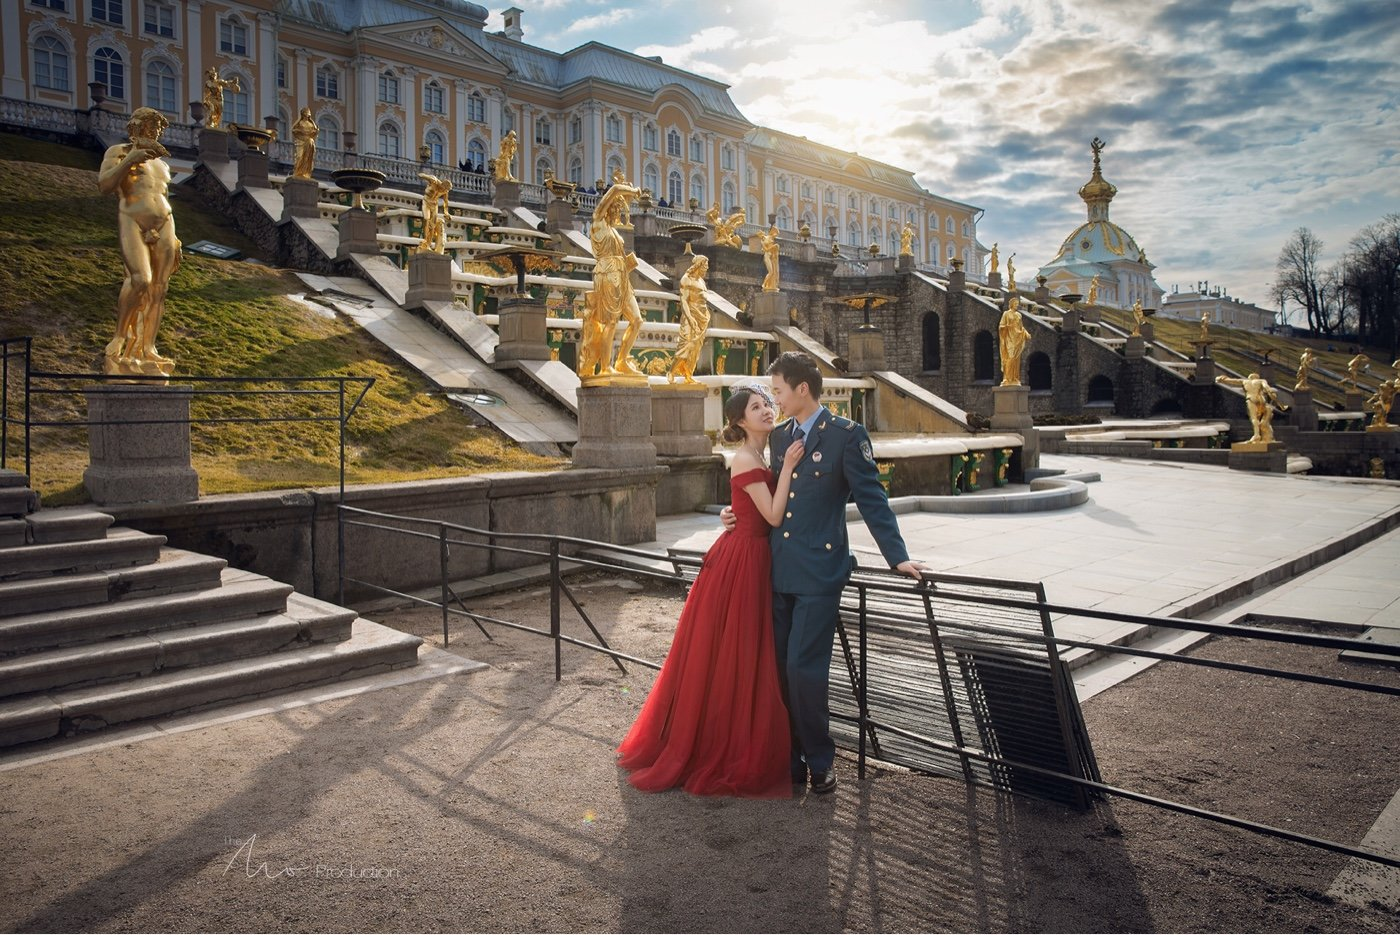 MoFoTo | 婚纱旅拍  圣彼得堡16